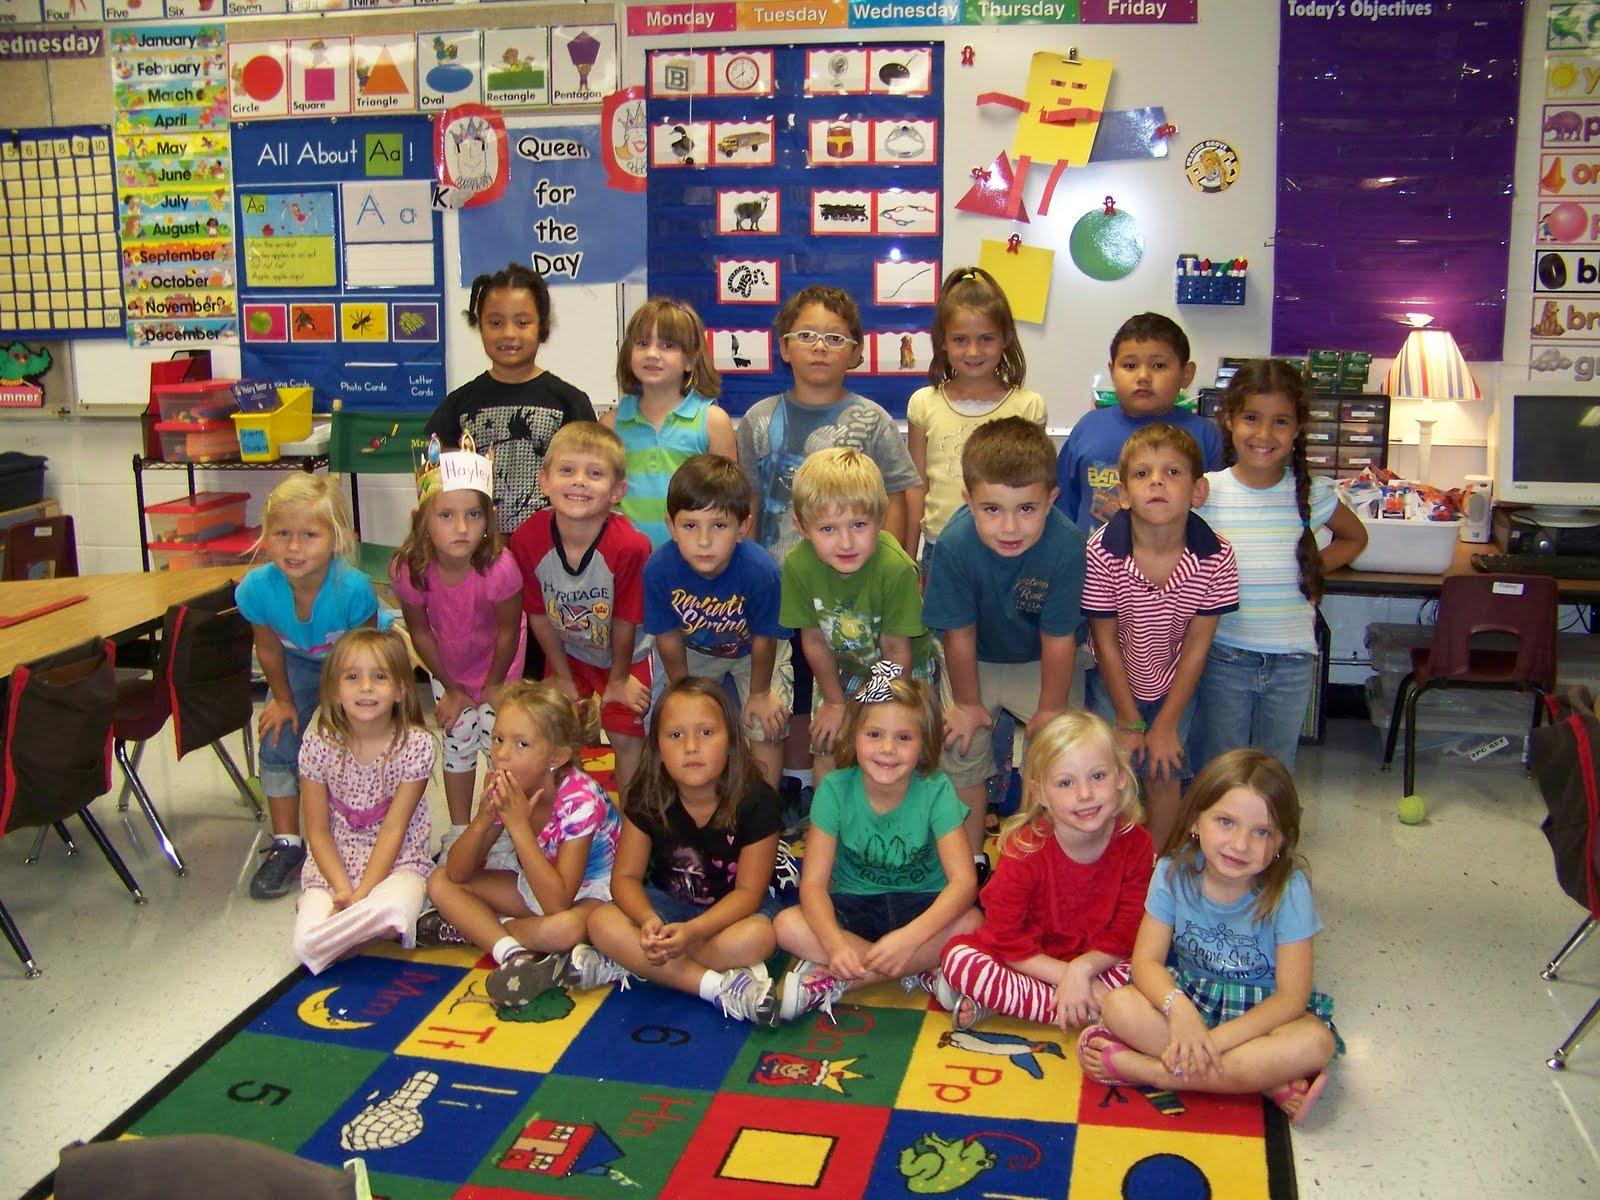 Kindergarten Classroom: Mrs. Pinkley's Kindergarten Class